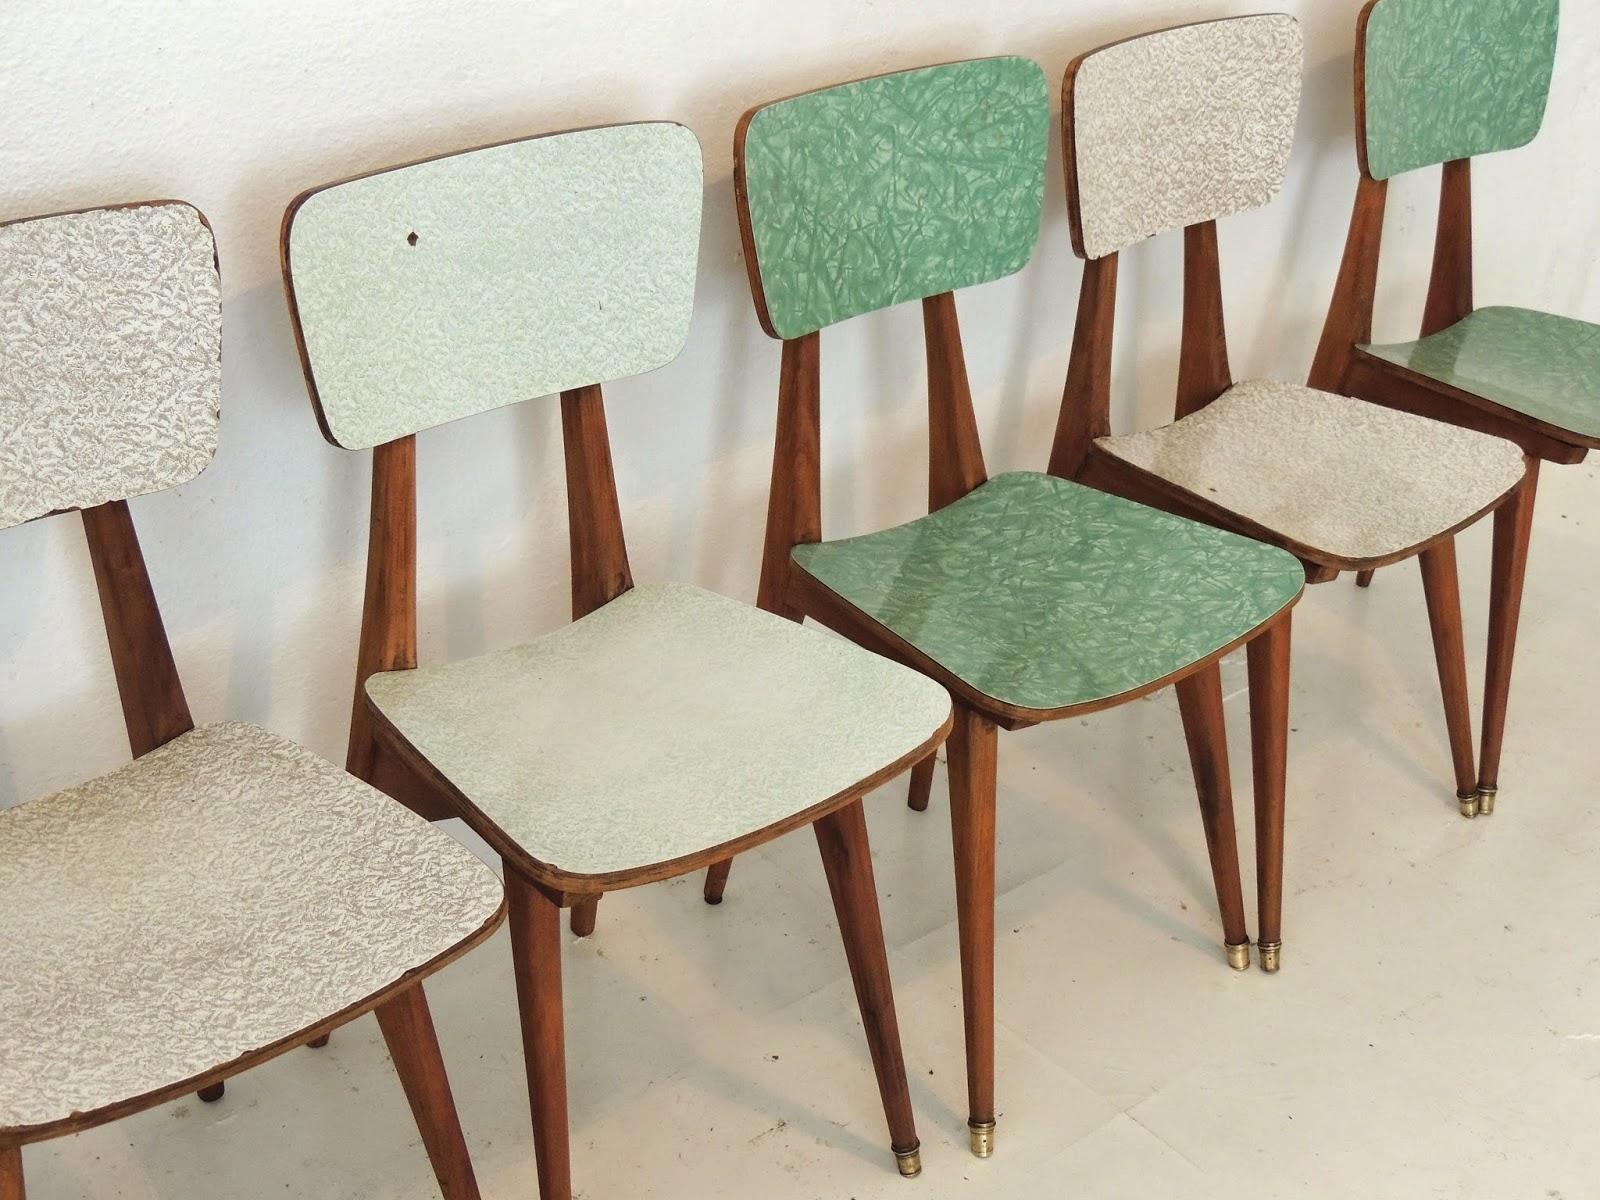 sillas escandinavas vintage en madera y vinilico de poca